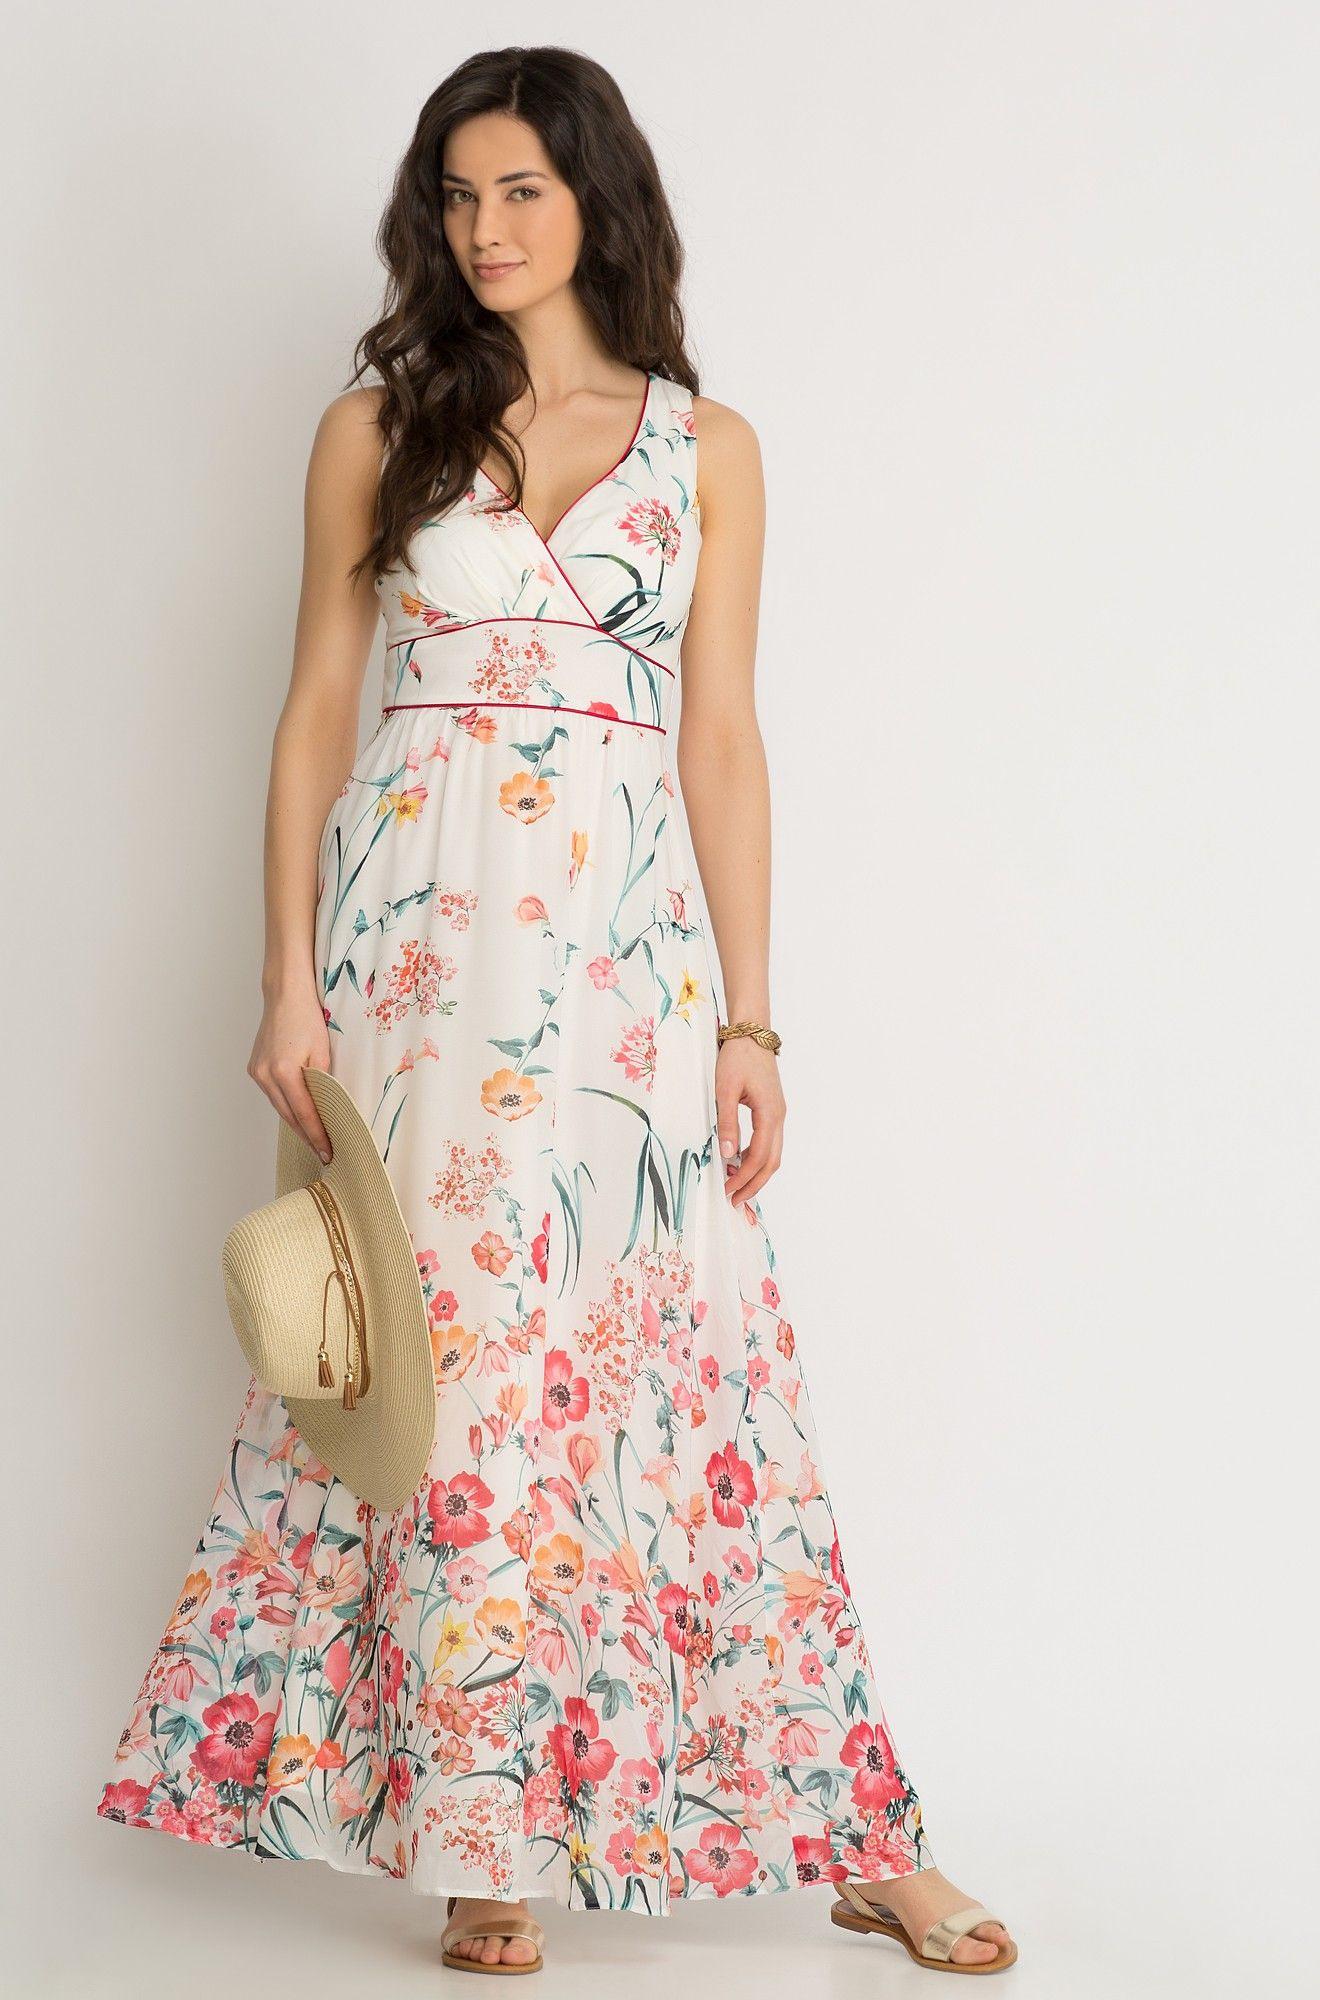 Abend Leicht Orsay Abendkleid Vertrieb17 Schön Orsay Abendkleid Design